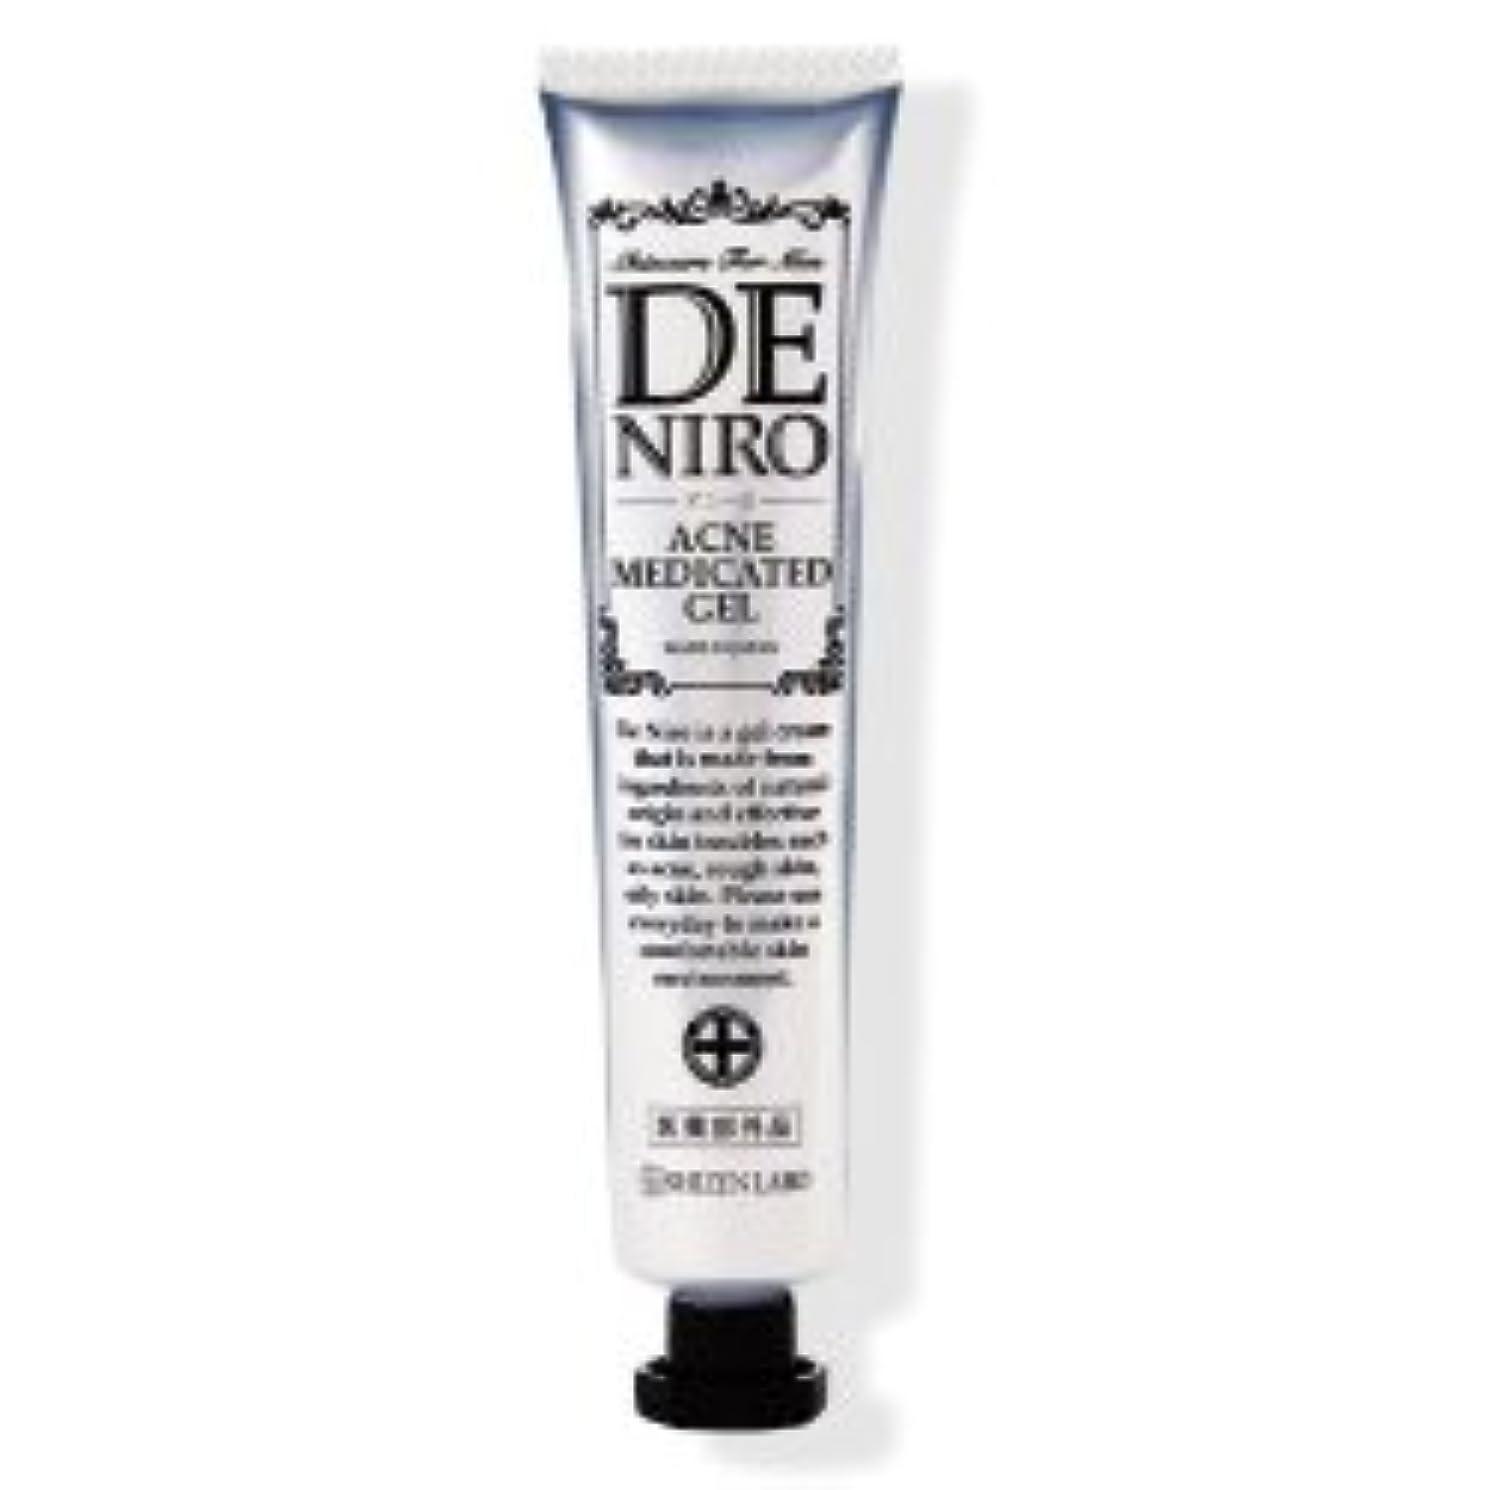 感情の飢えたアマゾンジャングルデニーロ 45g (約1ヵ月分)【公式】薬用 DE NIRO 男のニキビ クリーム